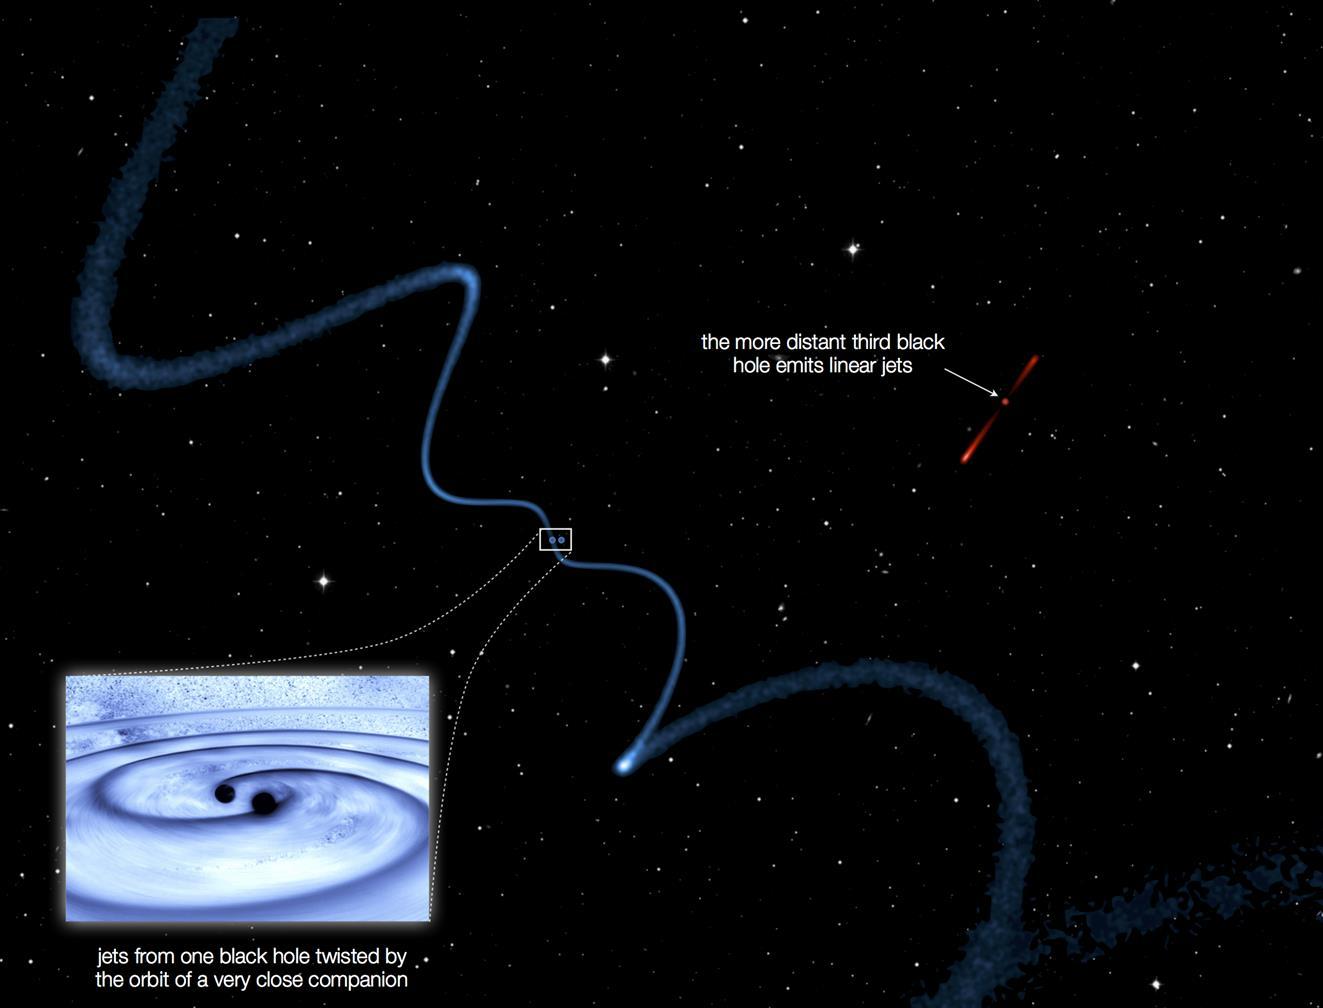 این تصویر نشان می دهد که دو سیاهچاله نزدیک به هم جت های مارپیچ منتشر می کنند، در حالی که سیاهچاله سوم جت نسبتا صاف و خطی گسیل می دهد.